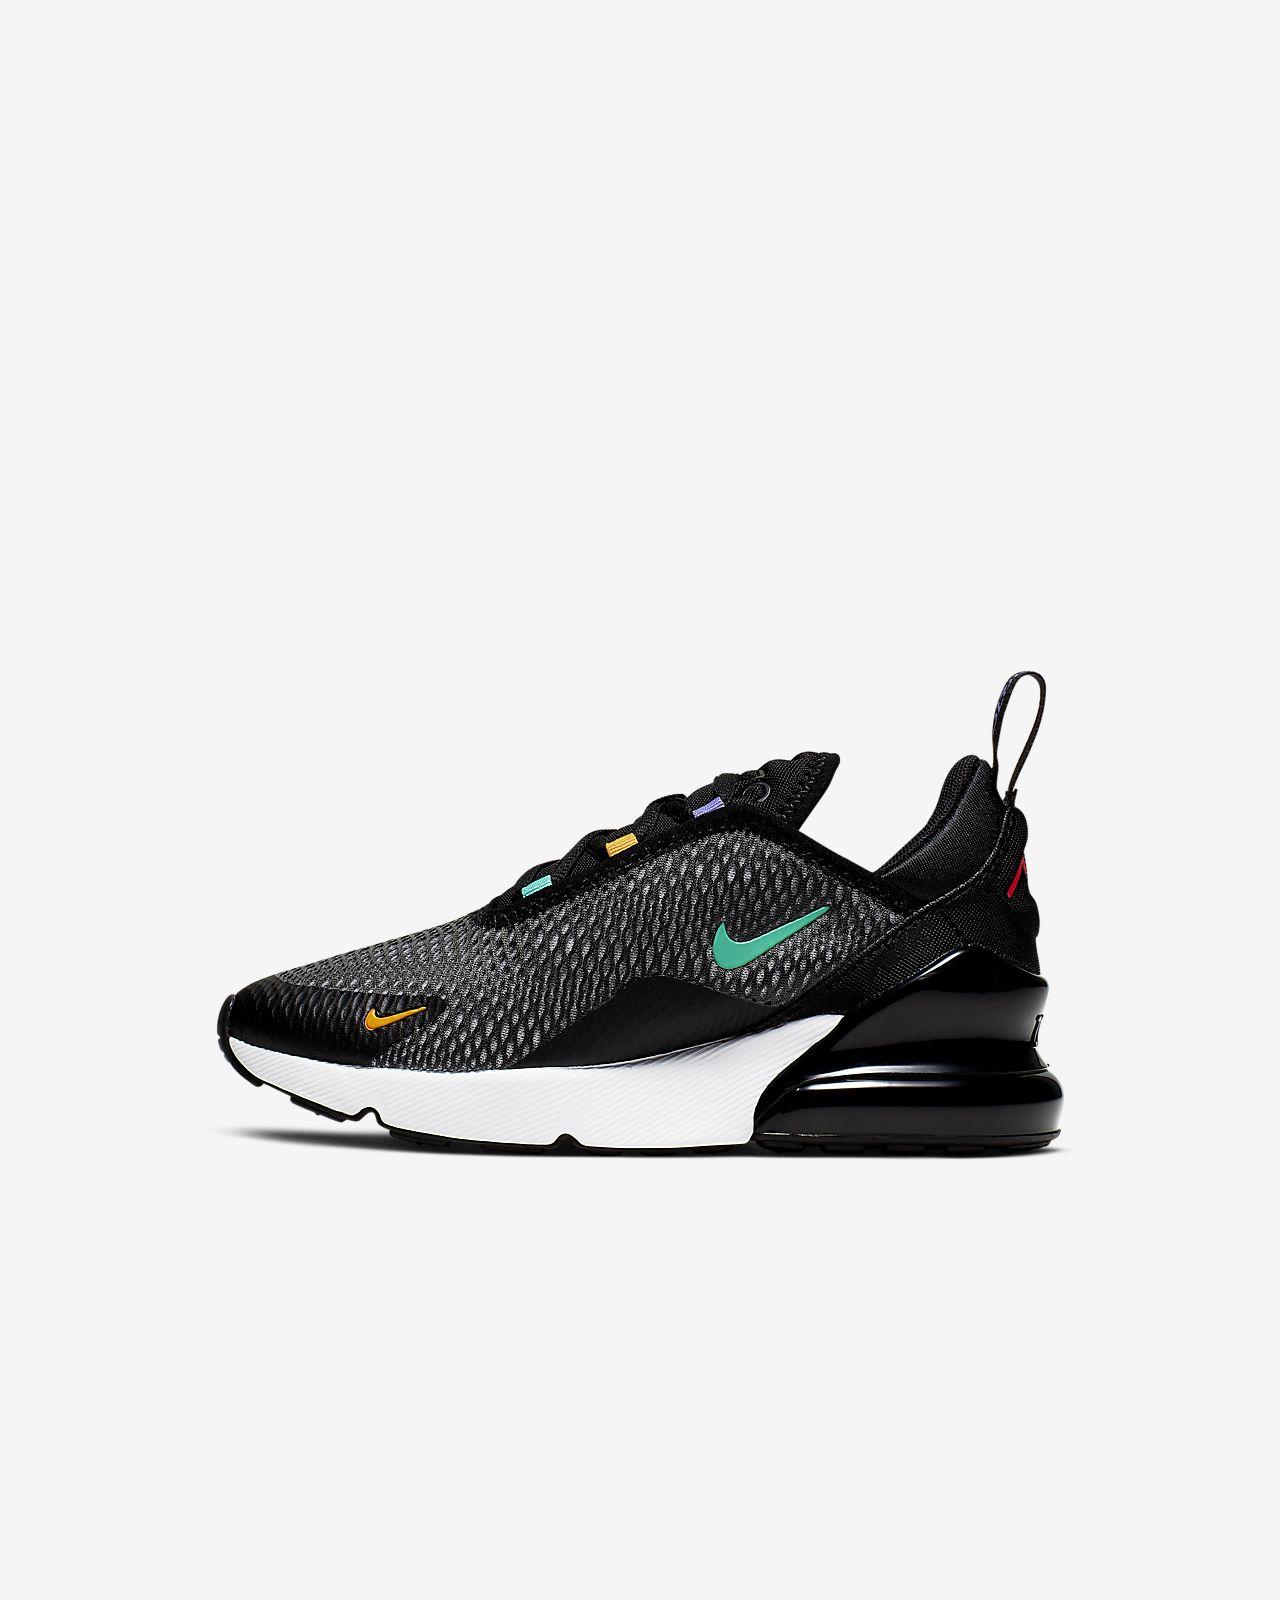 Nike Air Max 270 Game Change Zapatillas - Niño/a pequeño/a